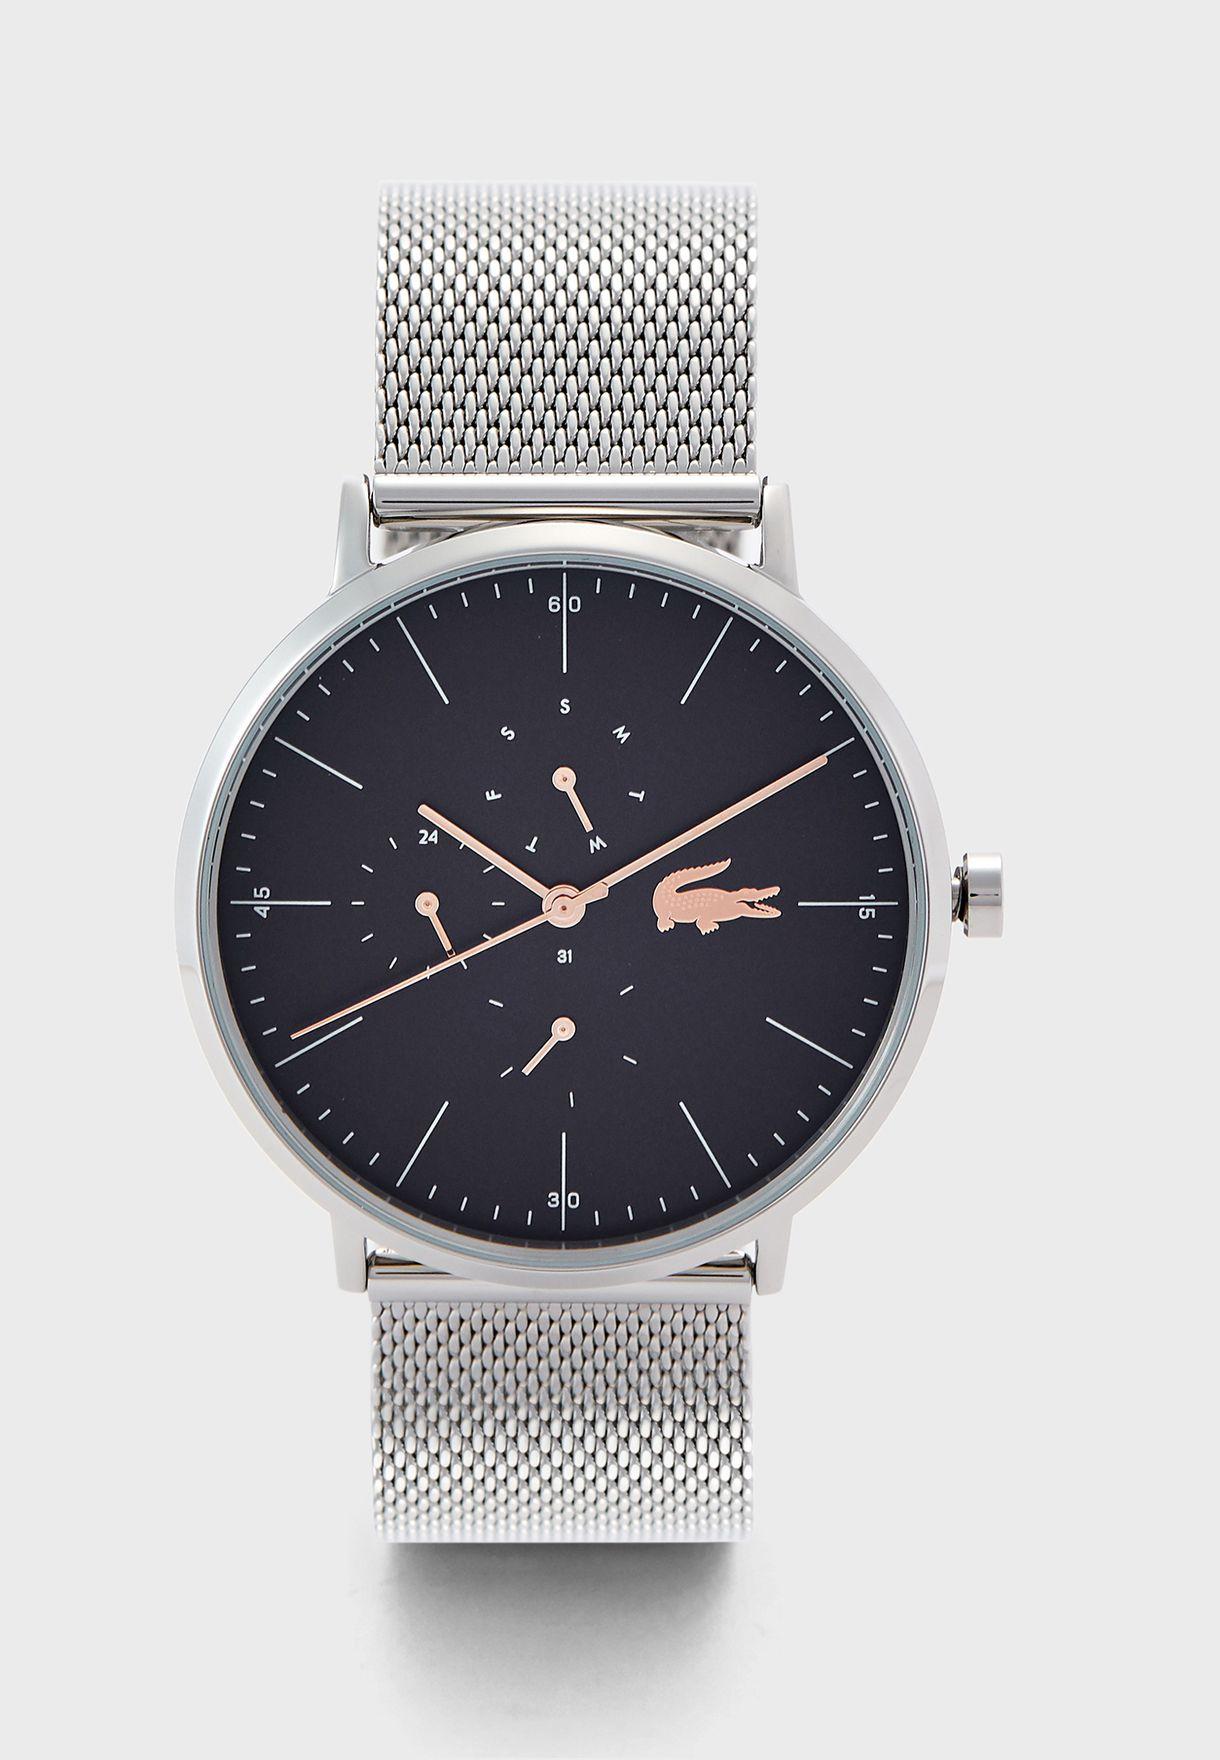 ساعة بحزام شبك